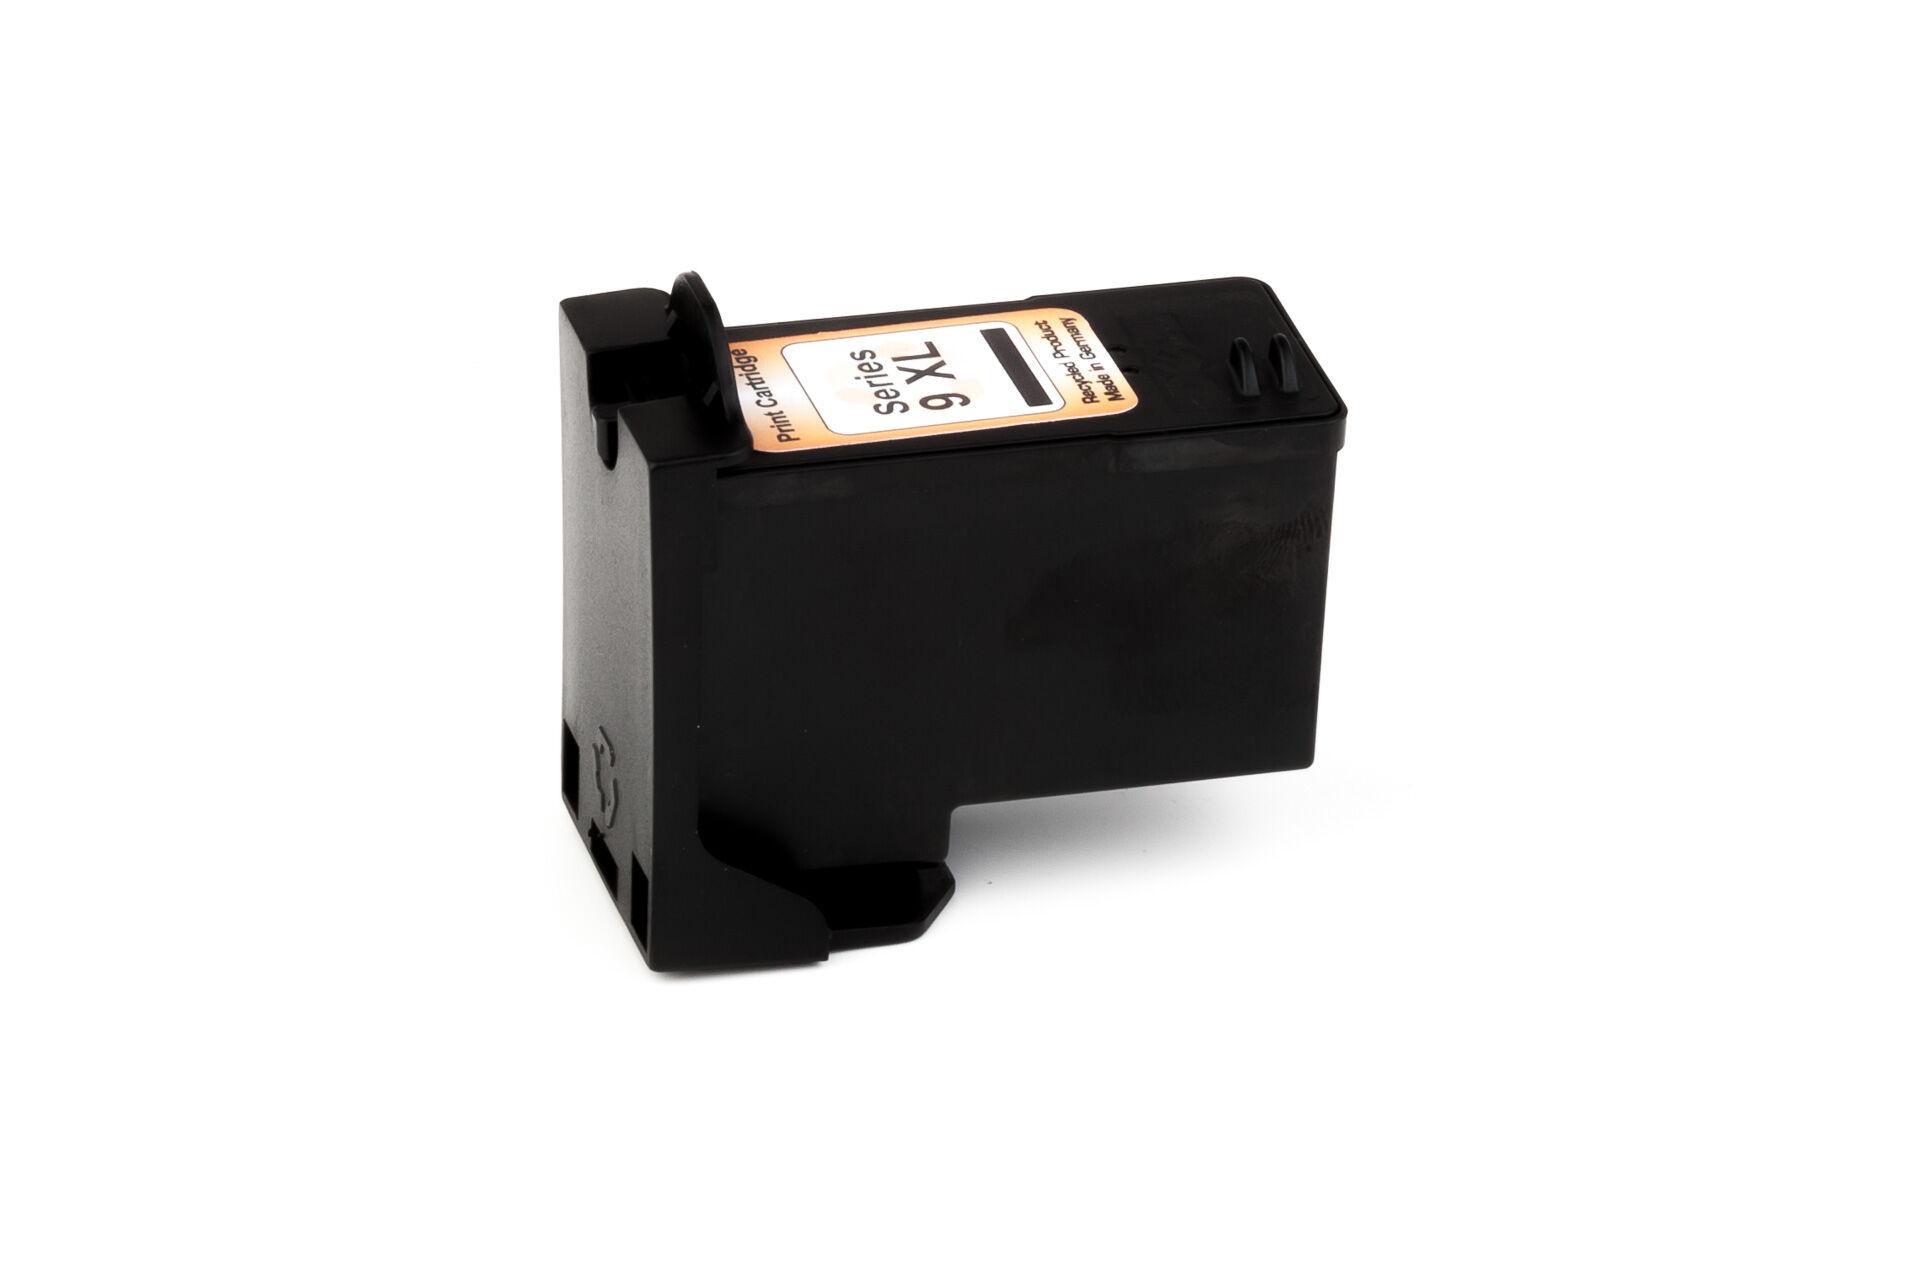 Dell Cartouche d'encre pour Dell 59210211 / MK992 noir compatible (de marque ASC)